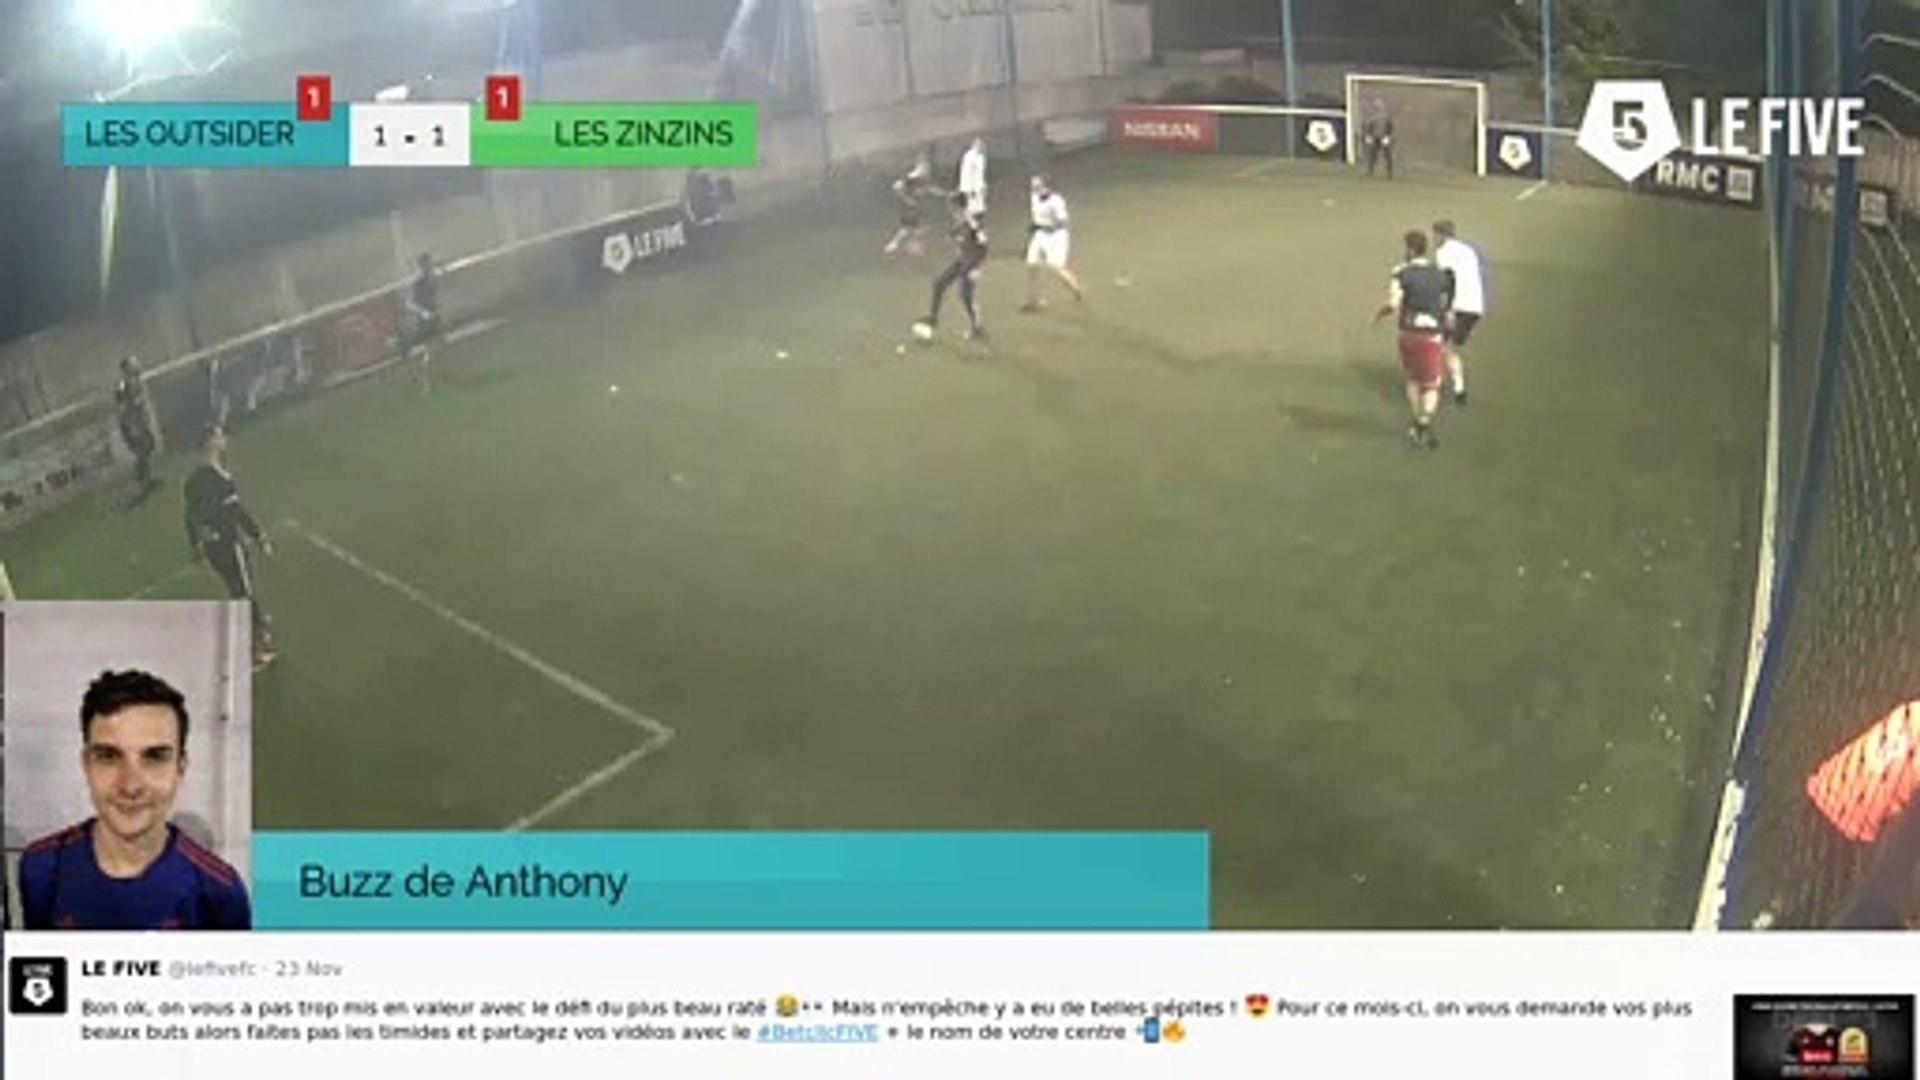 Buzz de Anthony